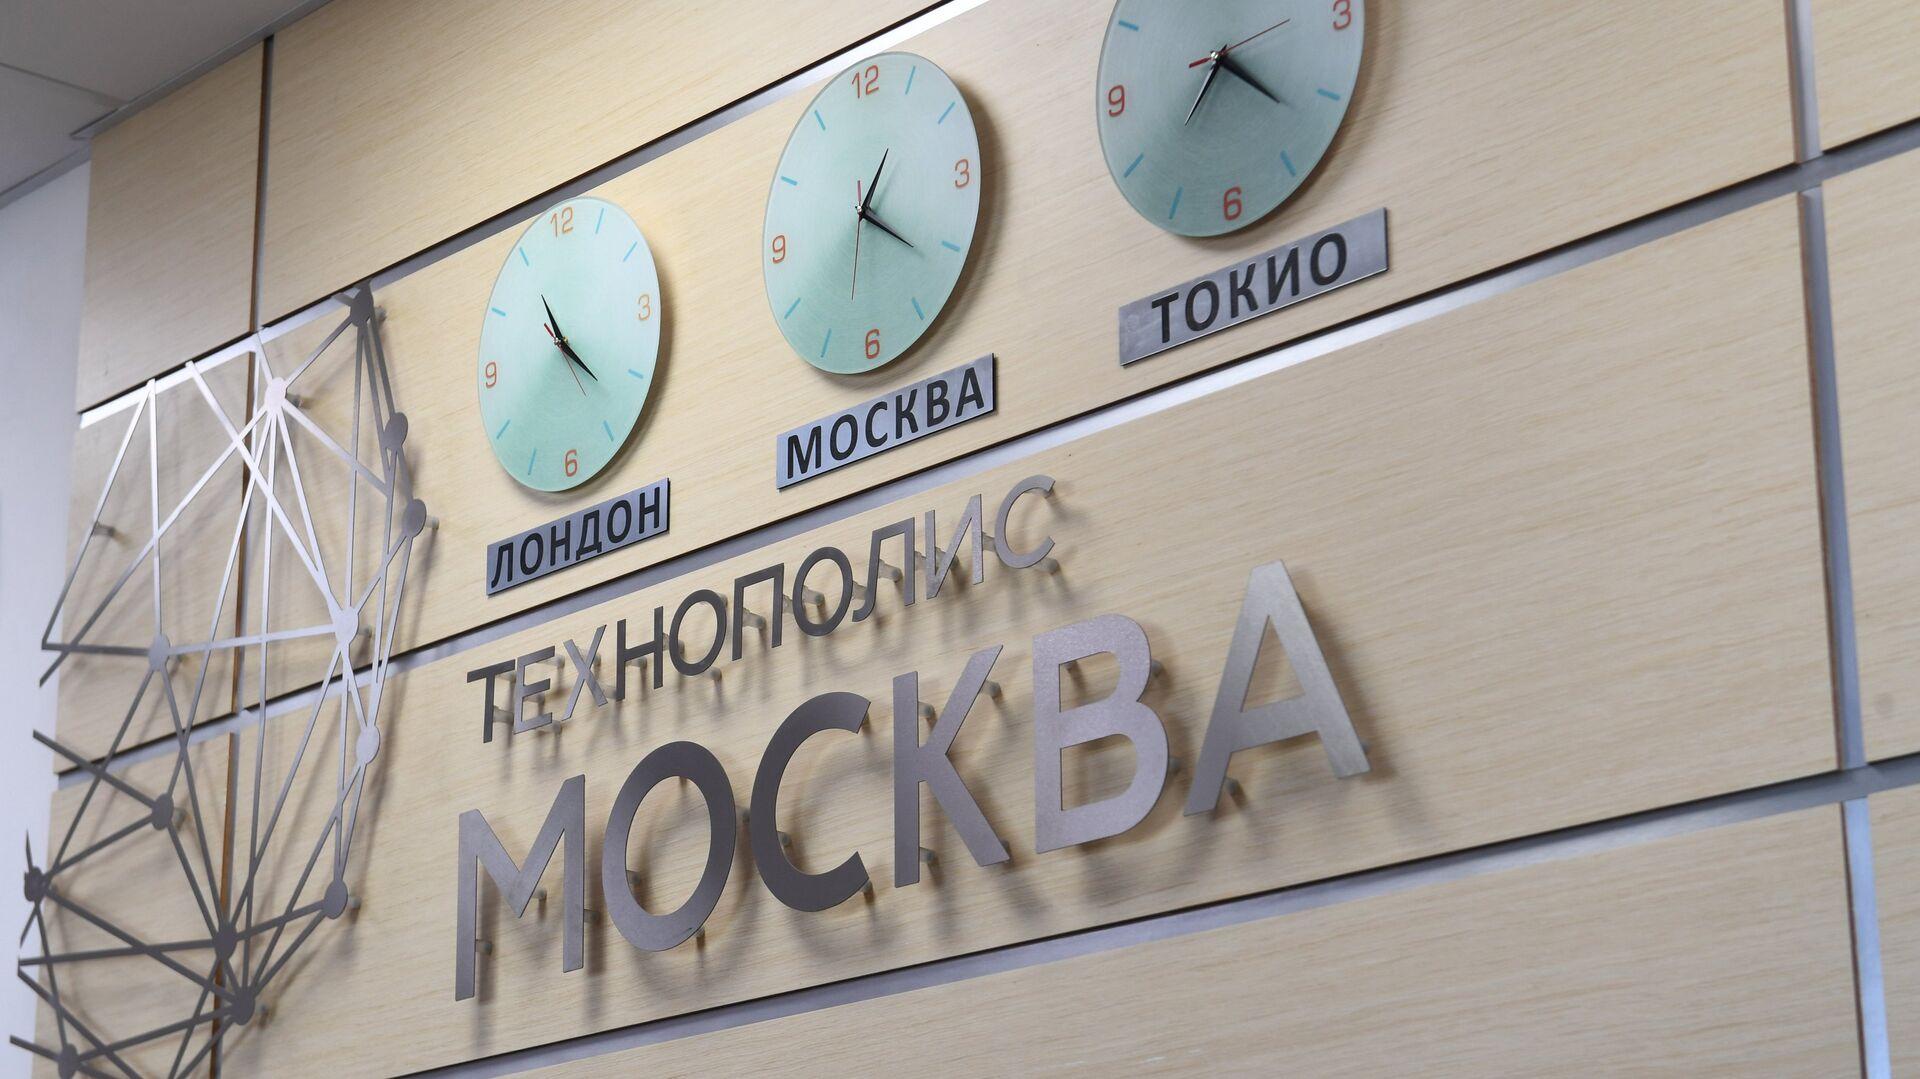 Часы с тремя часовыми поясами в технополисе Москва - РИА Новости, 1920, 17.02.2021